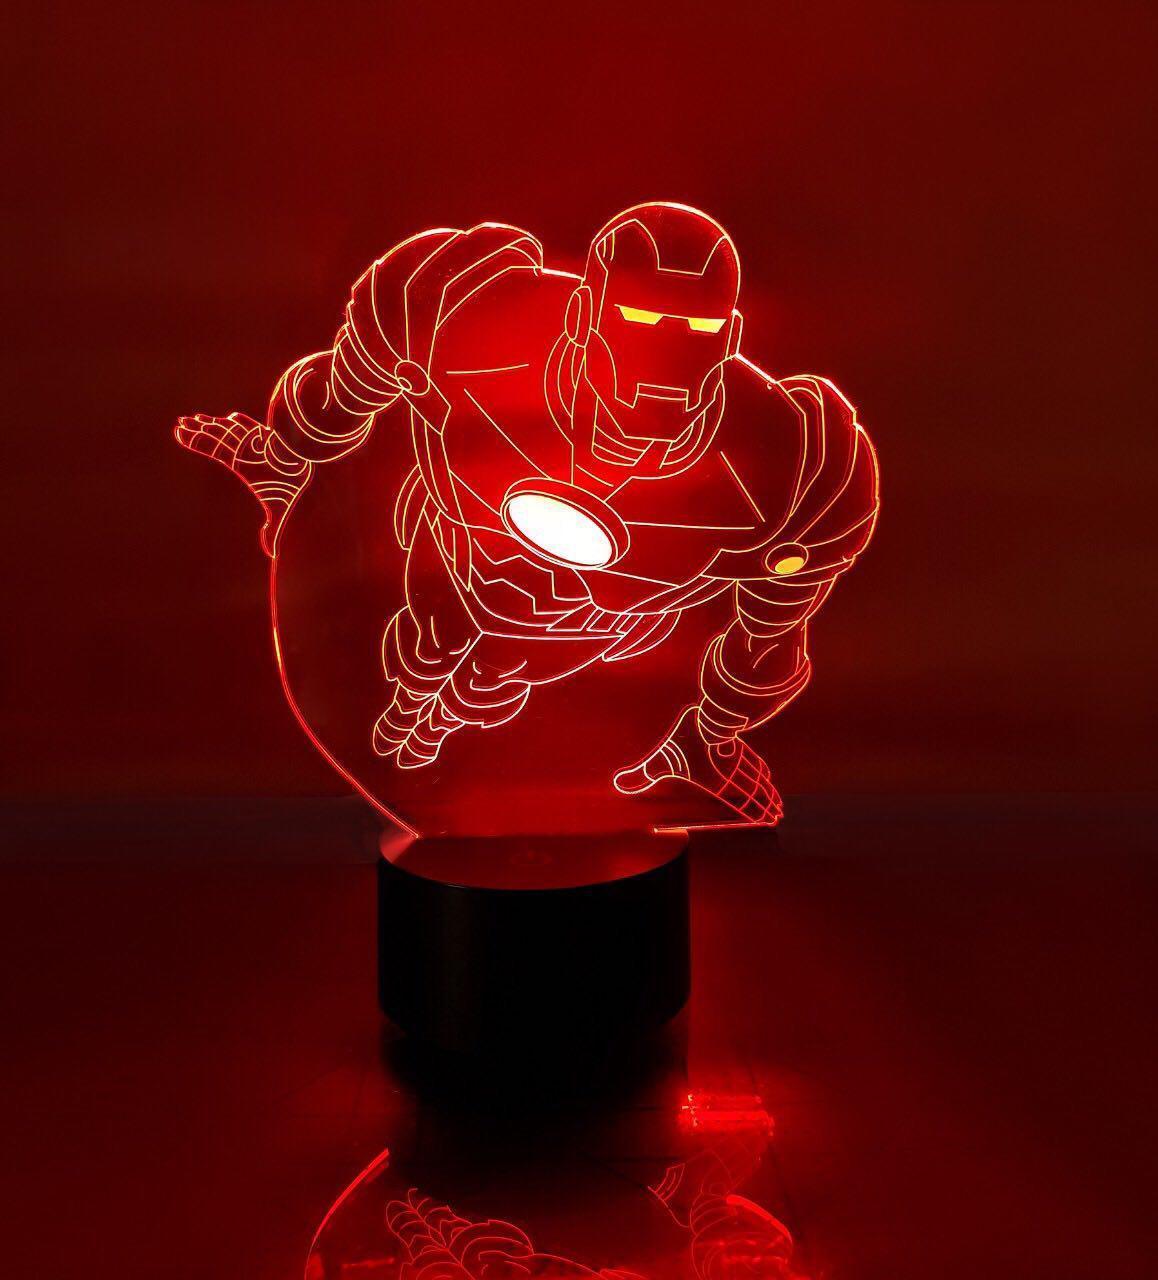 """Сменная пластина для 3D ночника """"Железный человек 2"""" 3DTOYSLAMP, фото 1"""